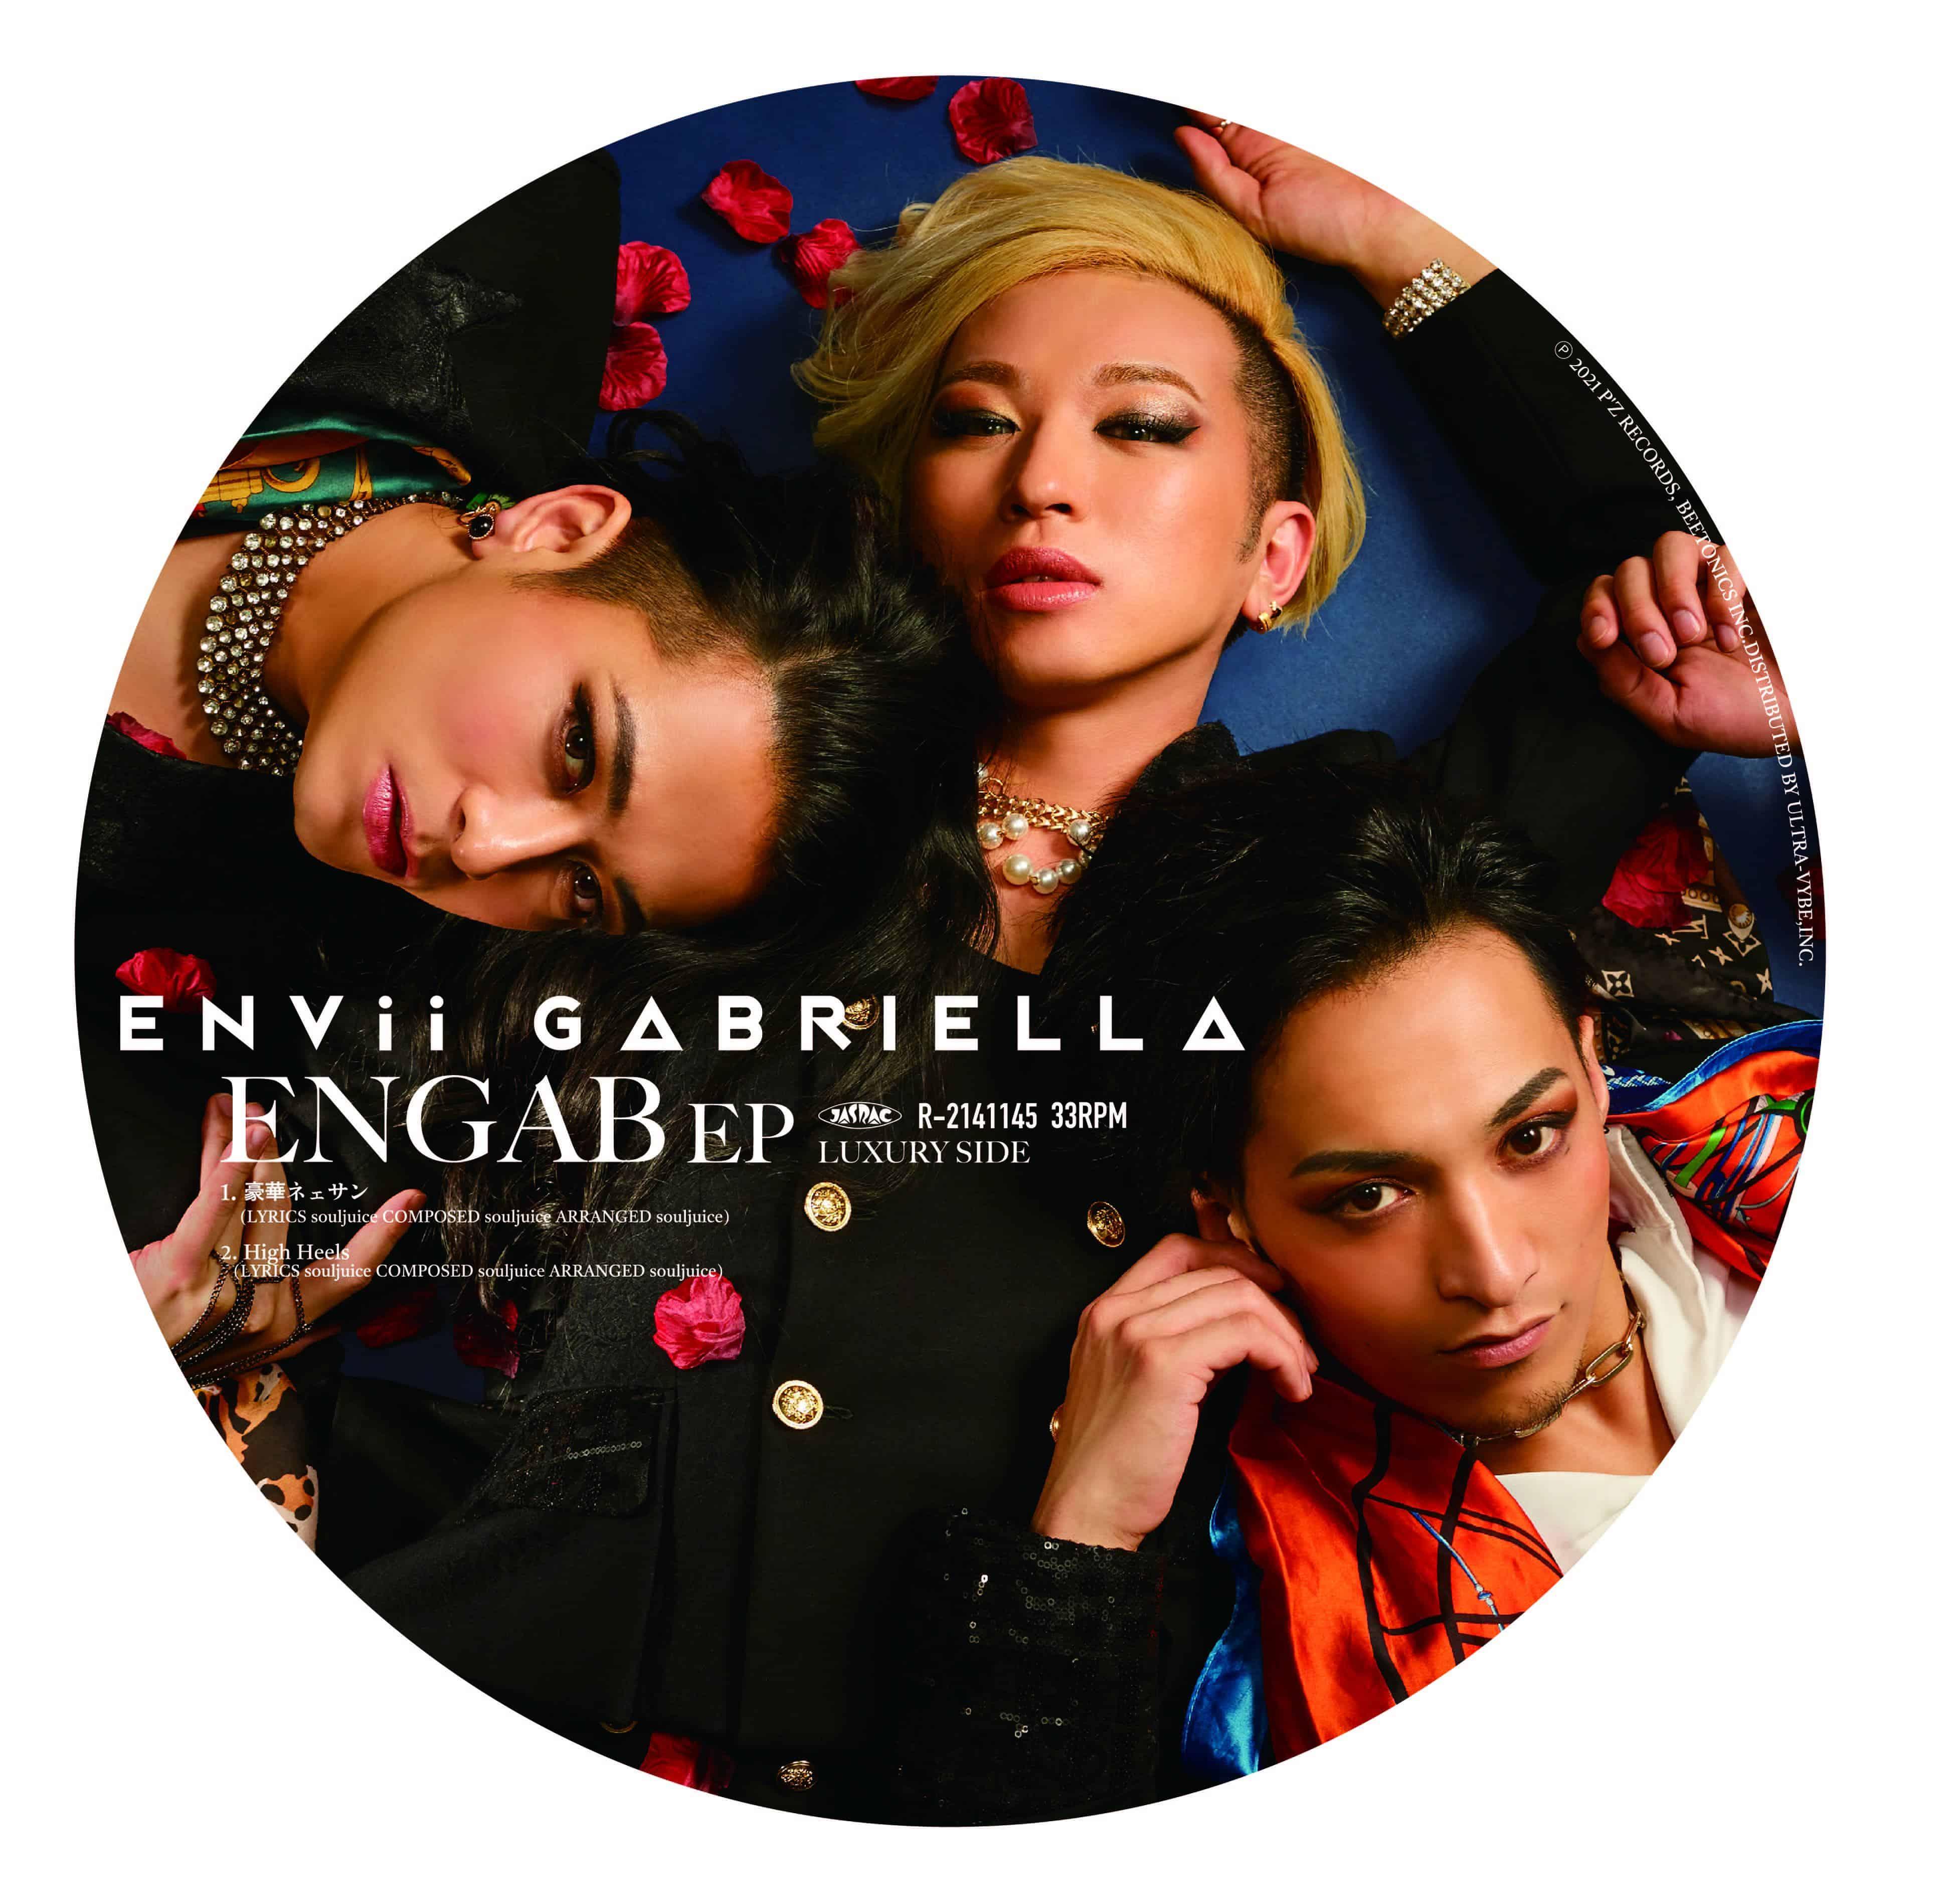 07-008 ENVii GABRIELLA – ENGAB EP